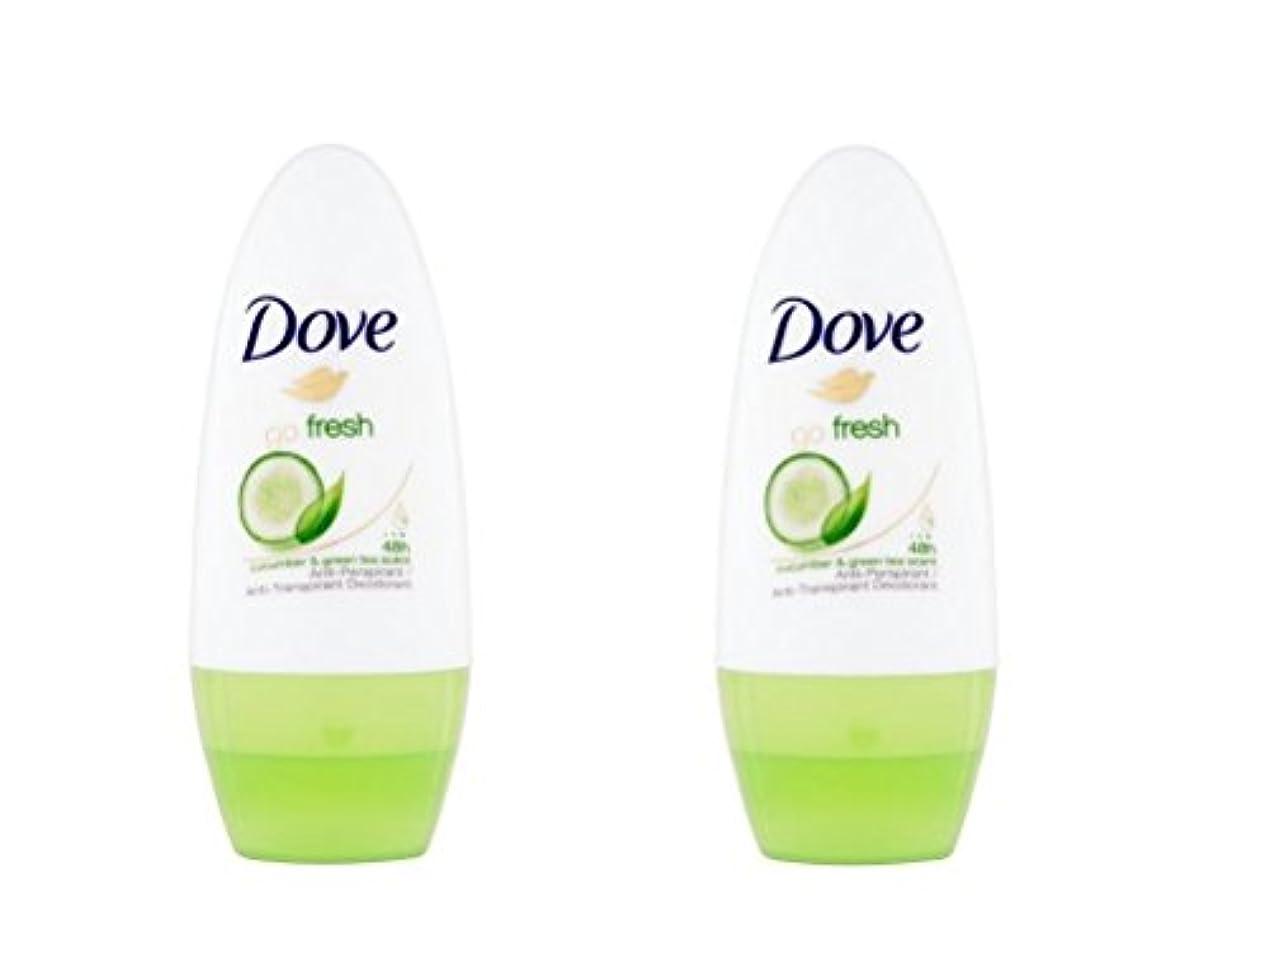 ヒロイン平日オーラル新鮮なキュウリロールオン制汗デオドラント50ミリリットルを行く鳩 x2 - Dove Go Fresh Cucumber Roll-On Anti-Perspirant Deodorant 50ml (Pack of 2...